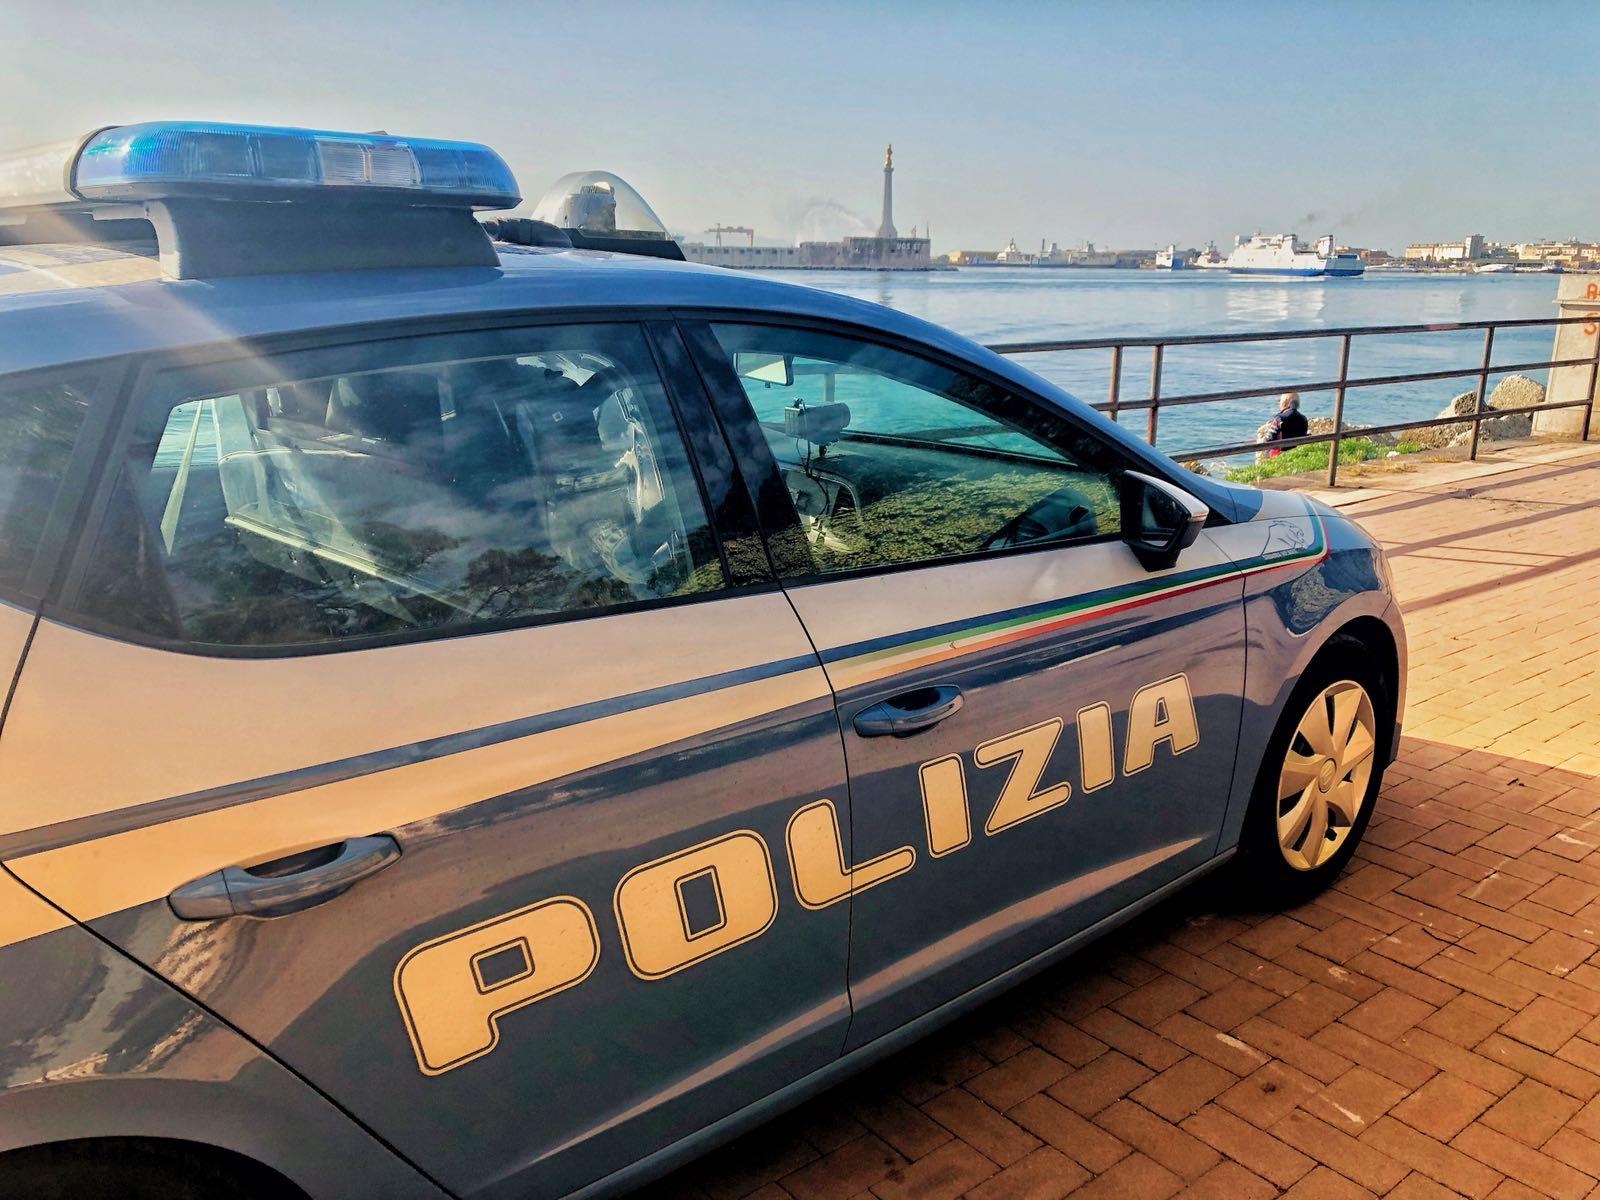 Controlli amministrativi della Polizia. Arrestato in flagranza di reato 30enne per resistenza e lesioni a P.U.